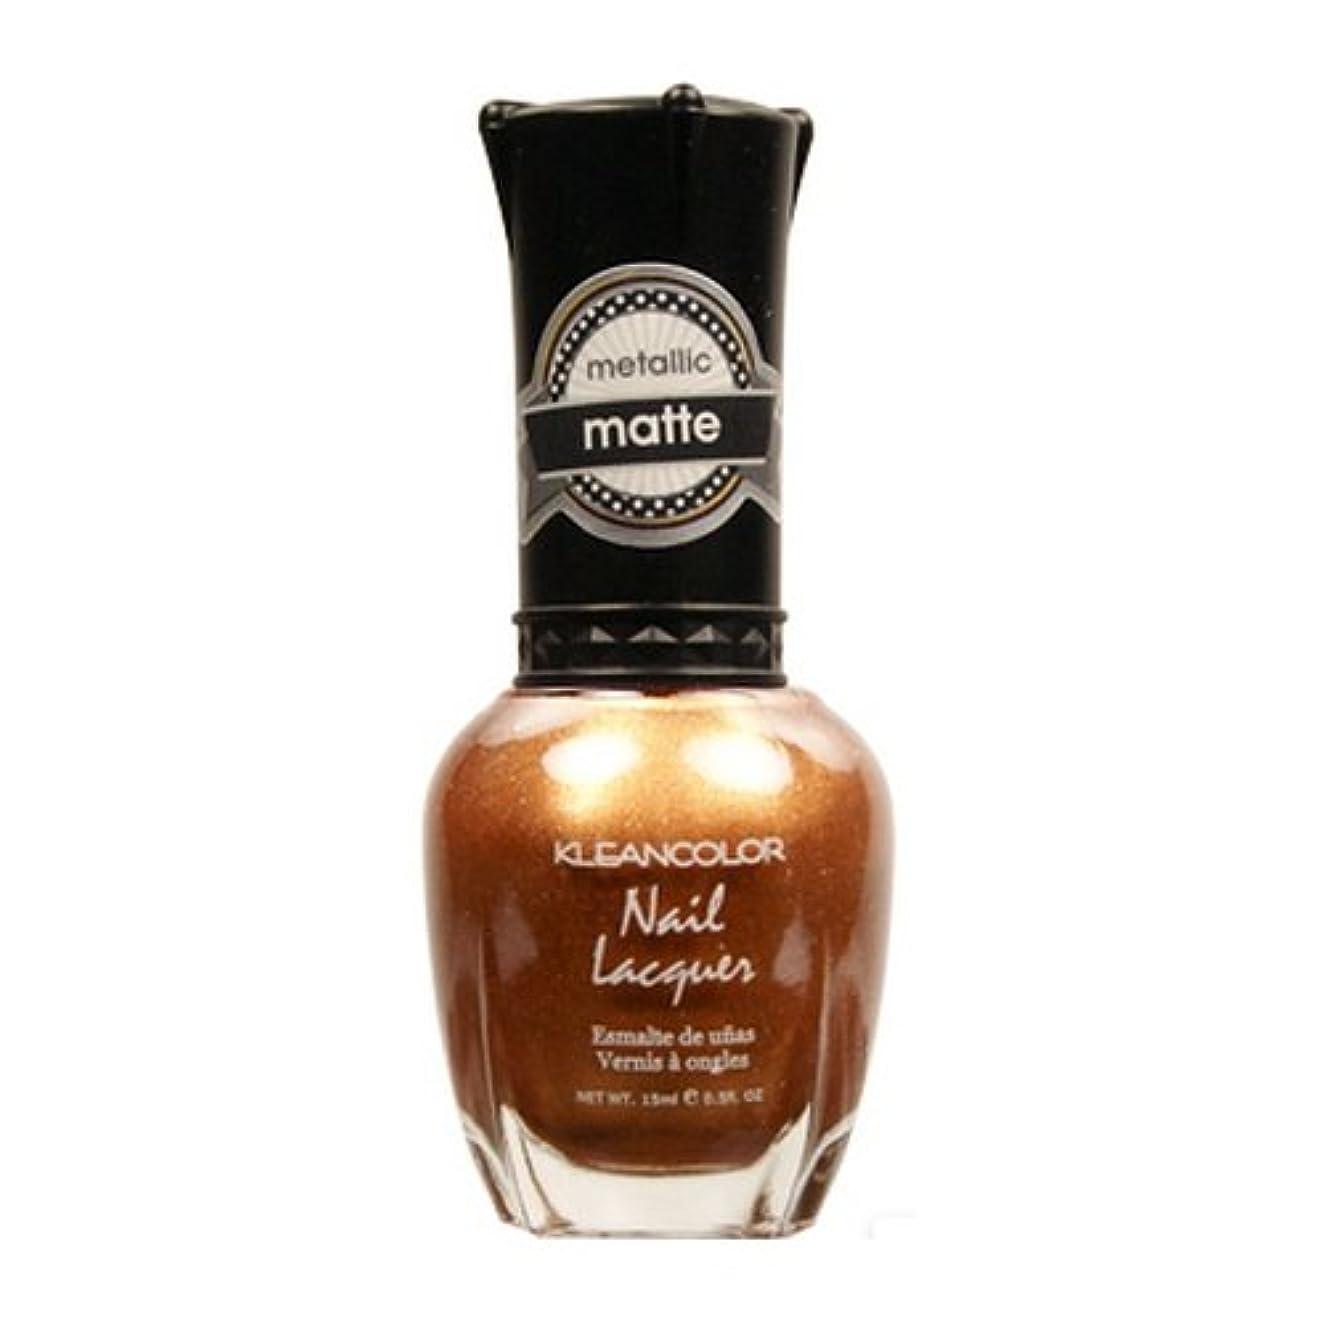 取り付け集中命令的KLEANCOLOR Matte Nail Lacquer - Life in Gold Castle (並行輸入品)